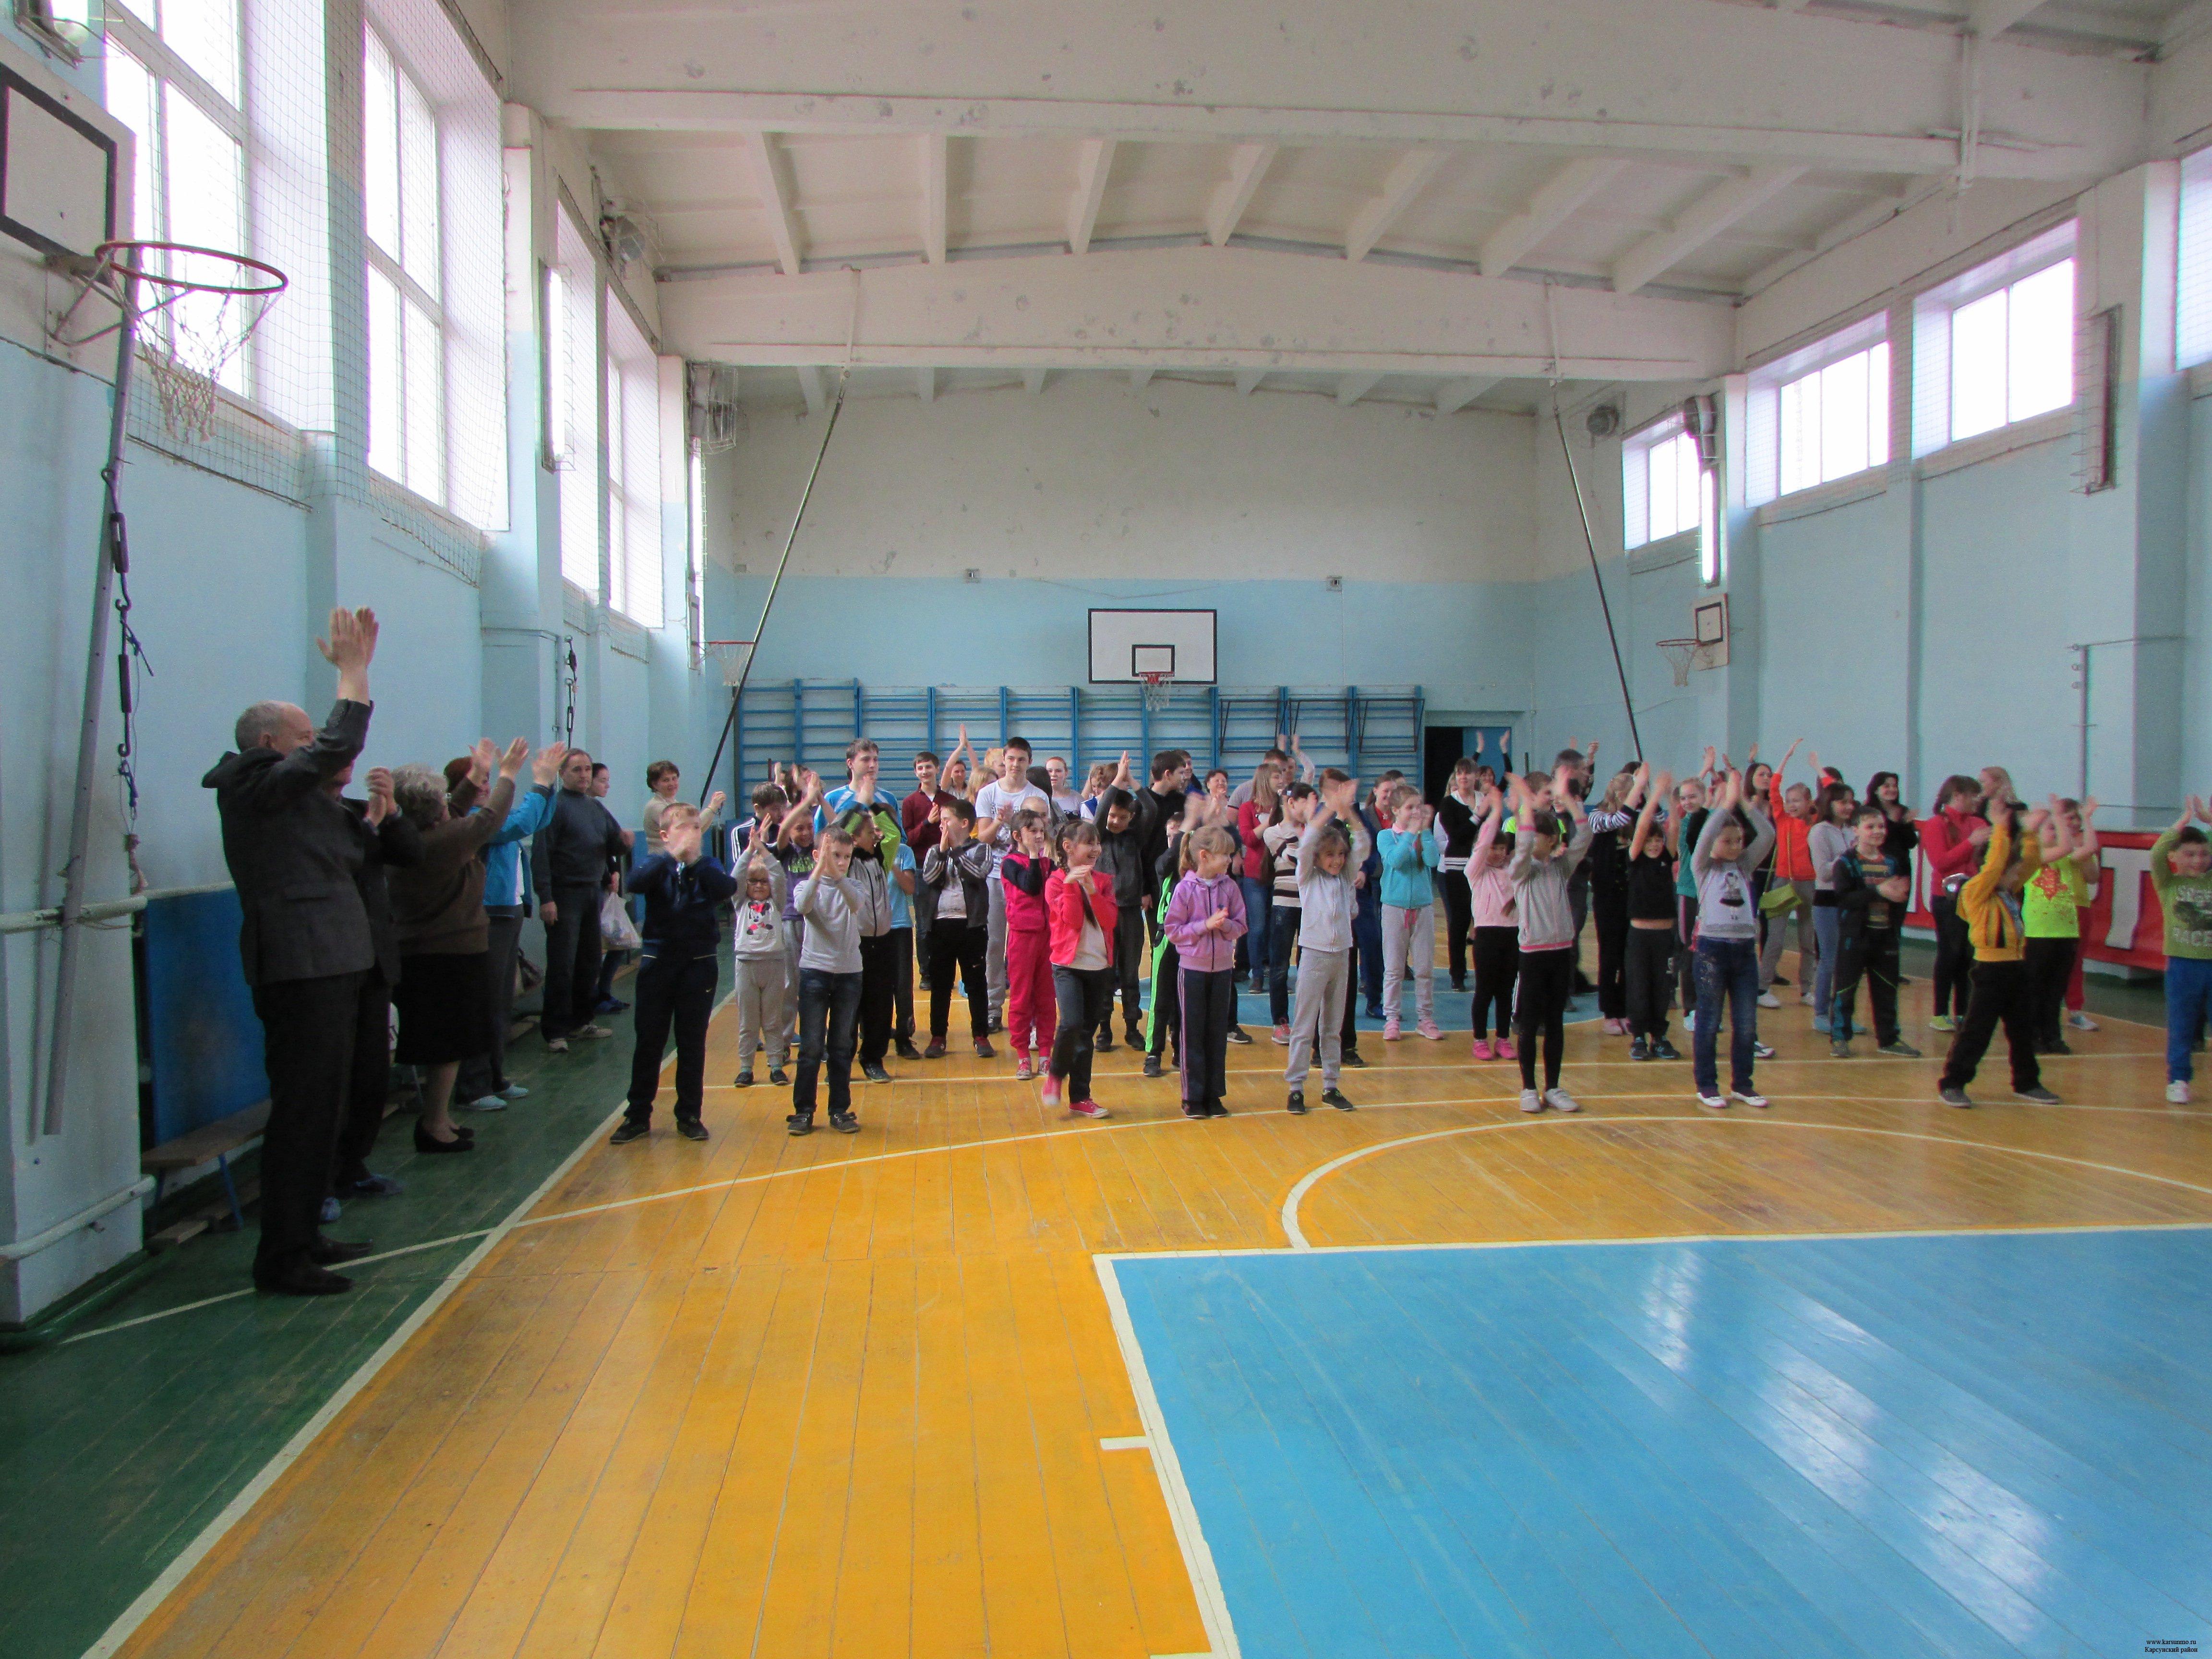 фестиваль здорового образа жизни 2017 москва